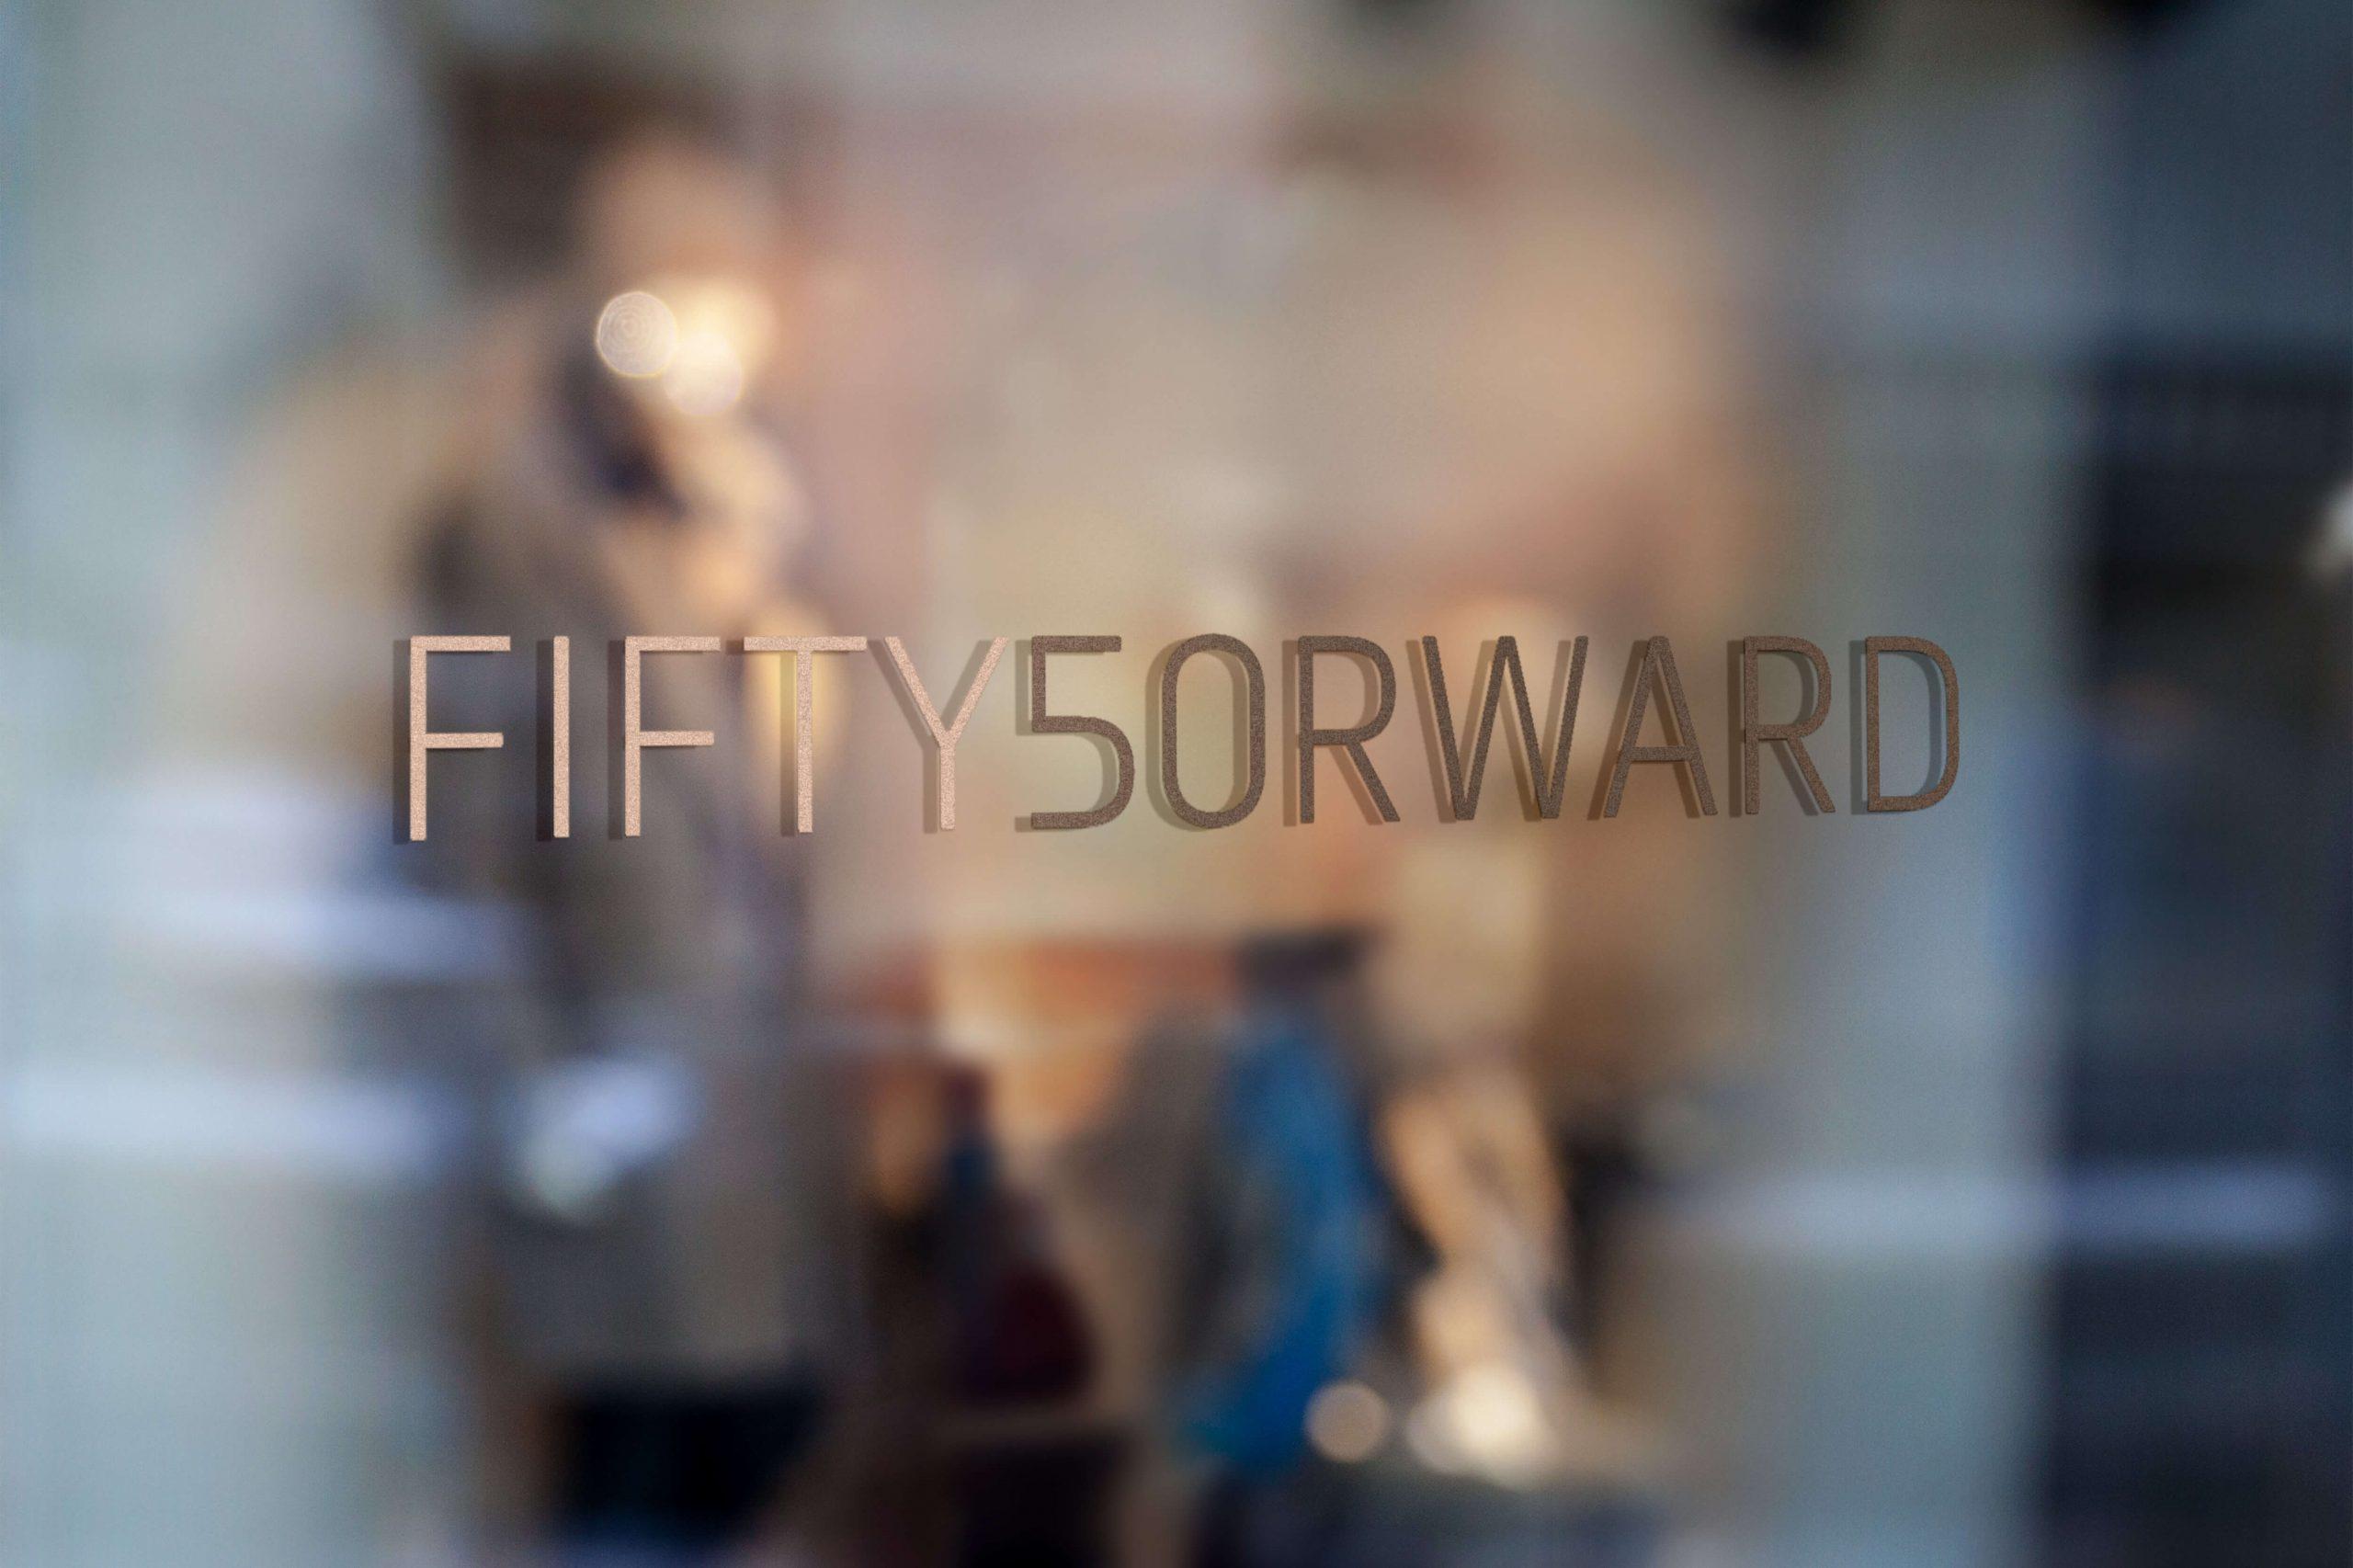 Logo av fiftyforward plassert på et vindu